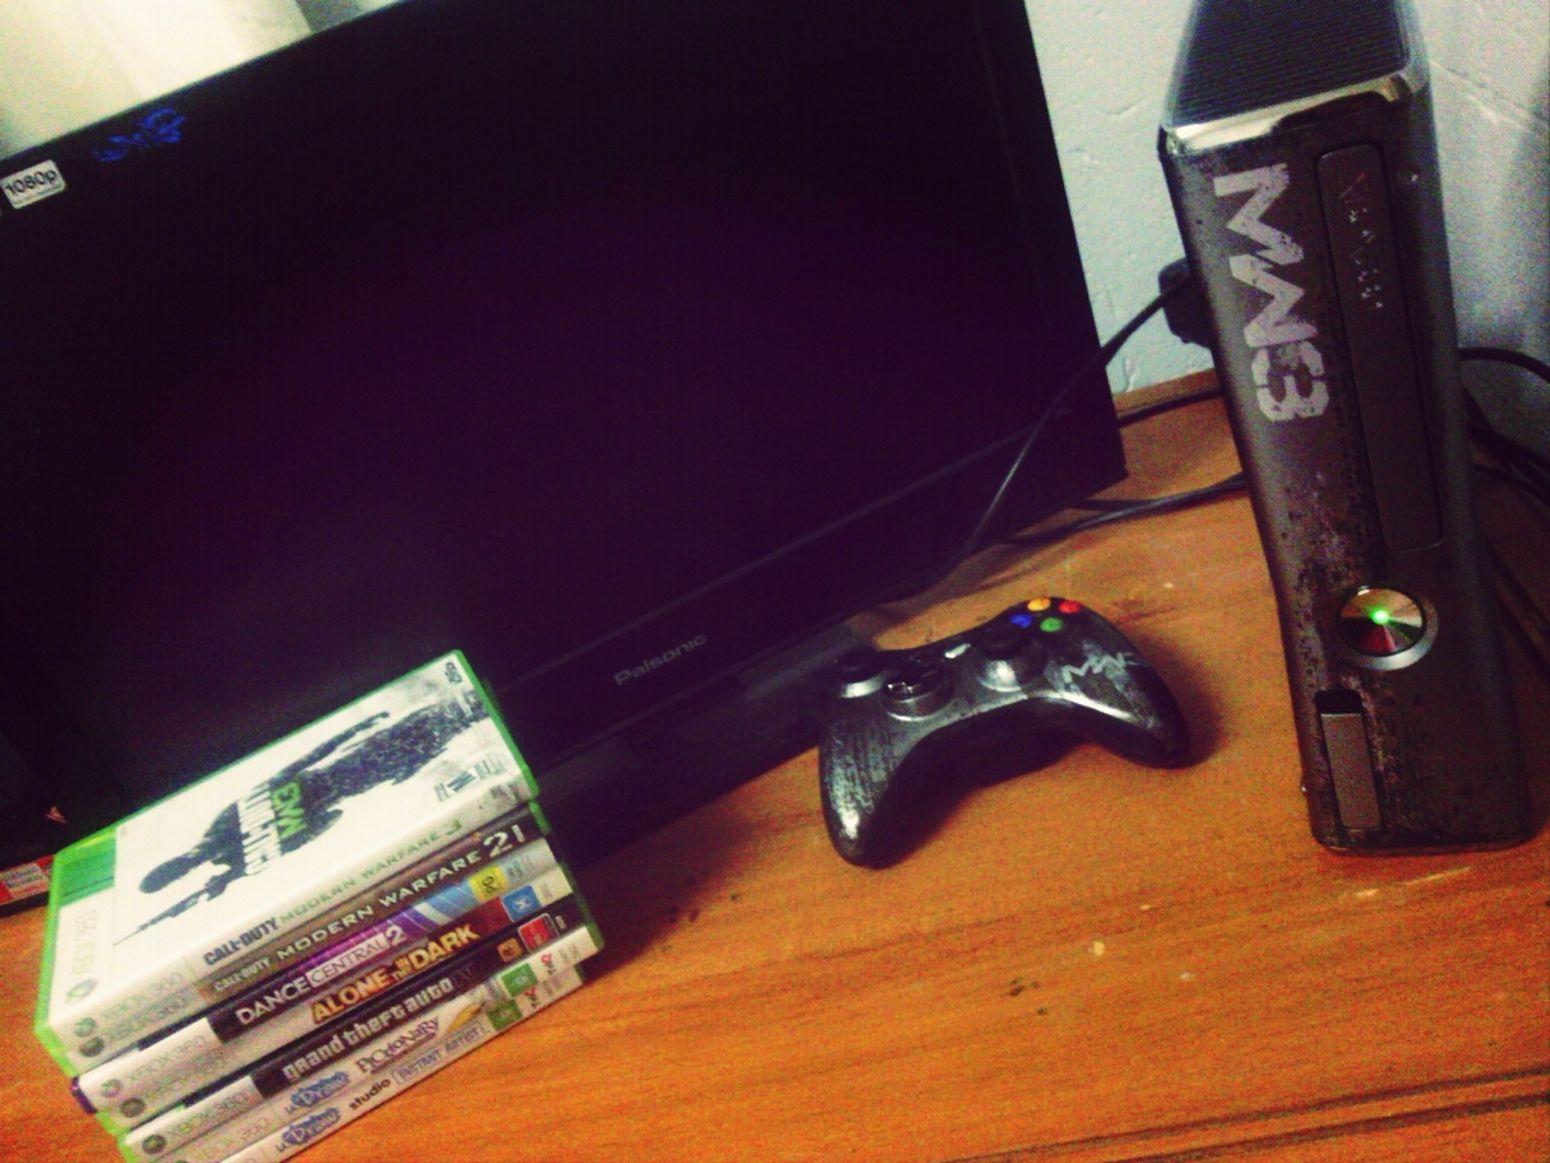 Sunday Xbox Games ModernWarfare